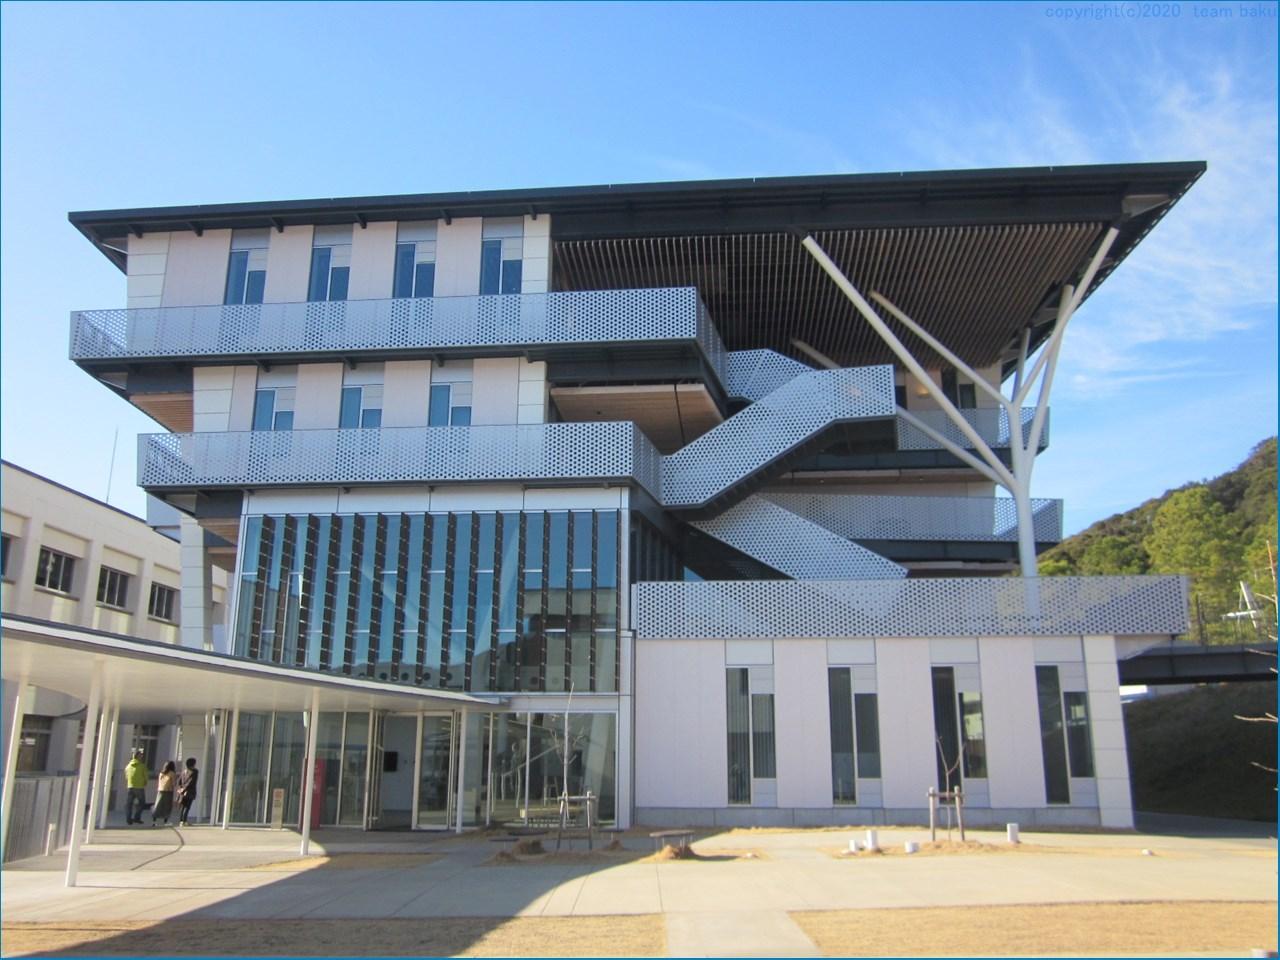 静岡理工科大 理工学部建築学科 公開シンポジウム_c0376508_15172716.jpg